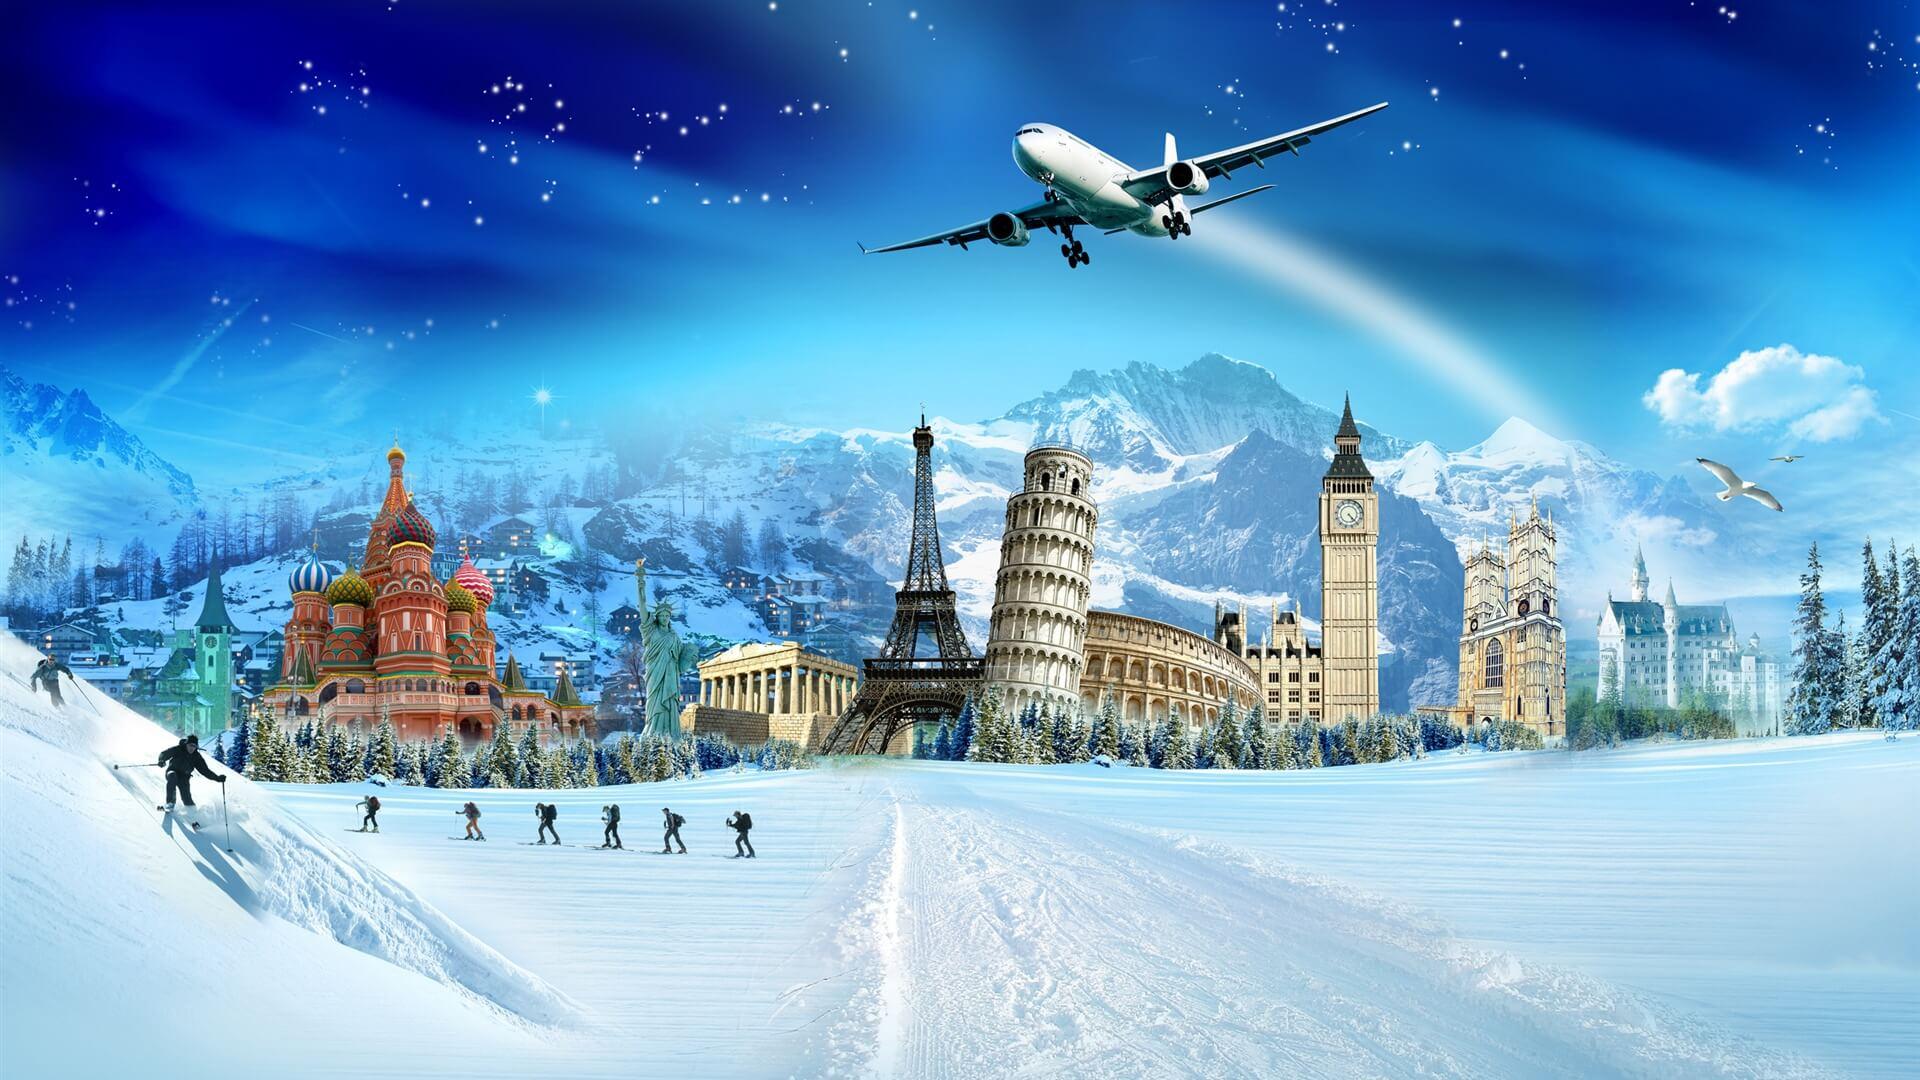 Безопасность путешествий: стоит ли покупать авиабилеты в 2021 году?